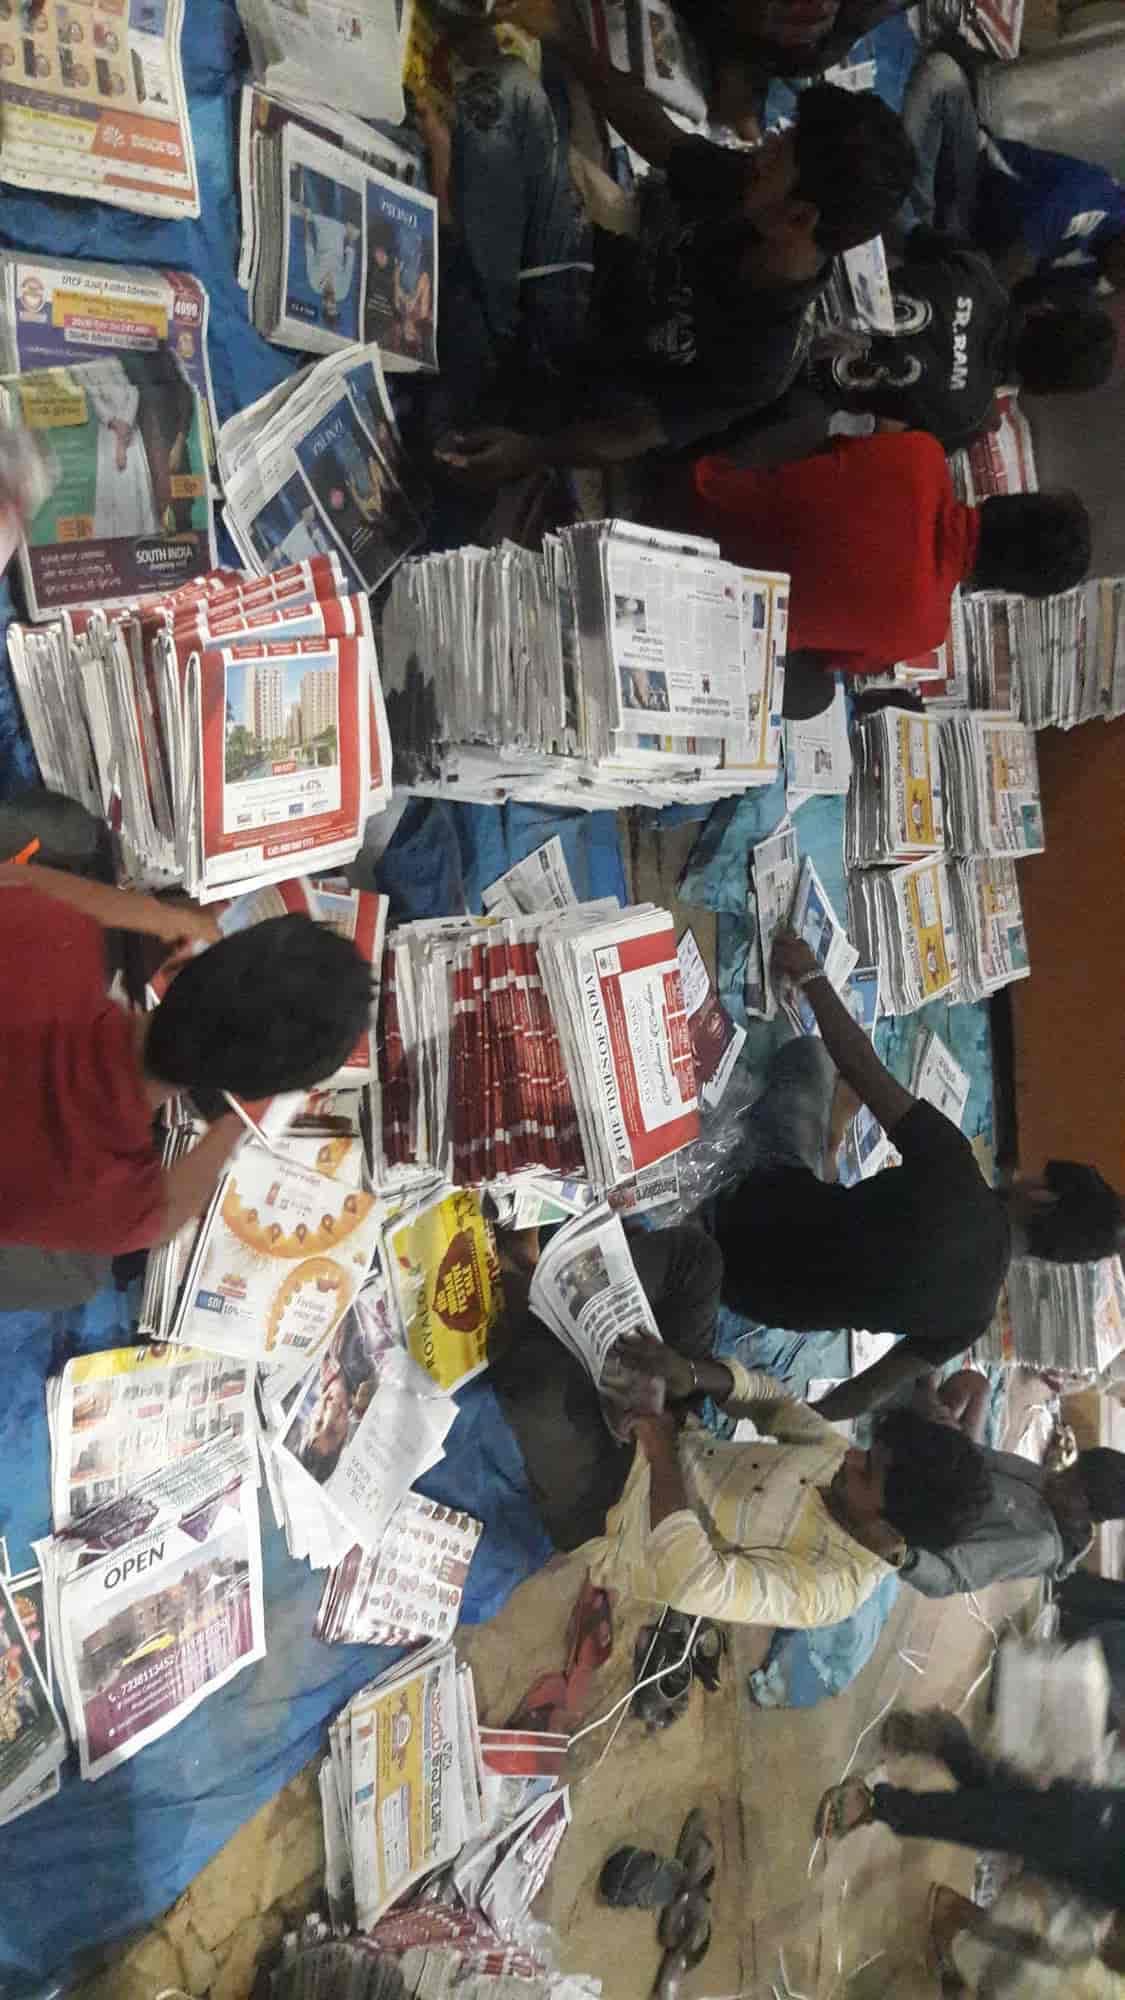 R K All In One News Agency, Krishnarajapuram - Newspaper